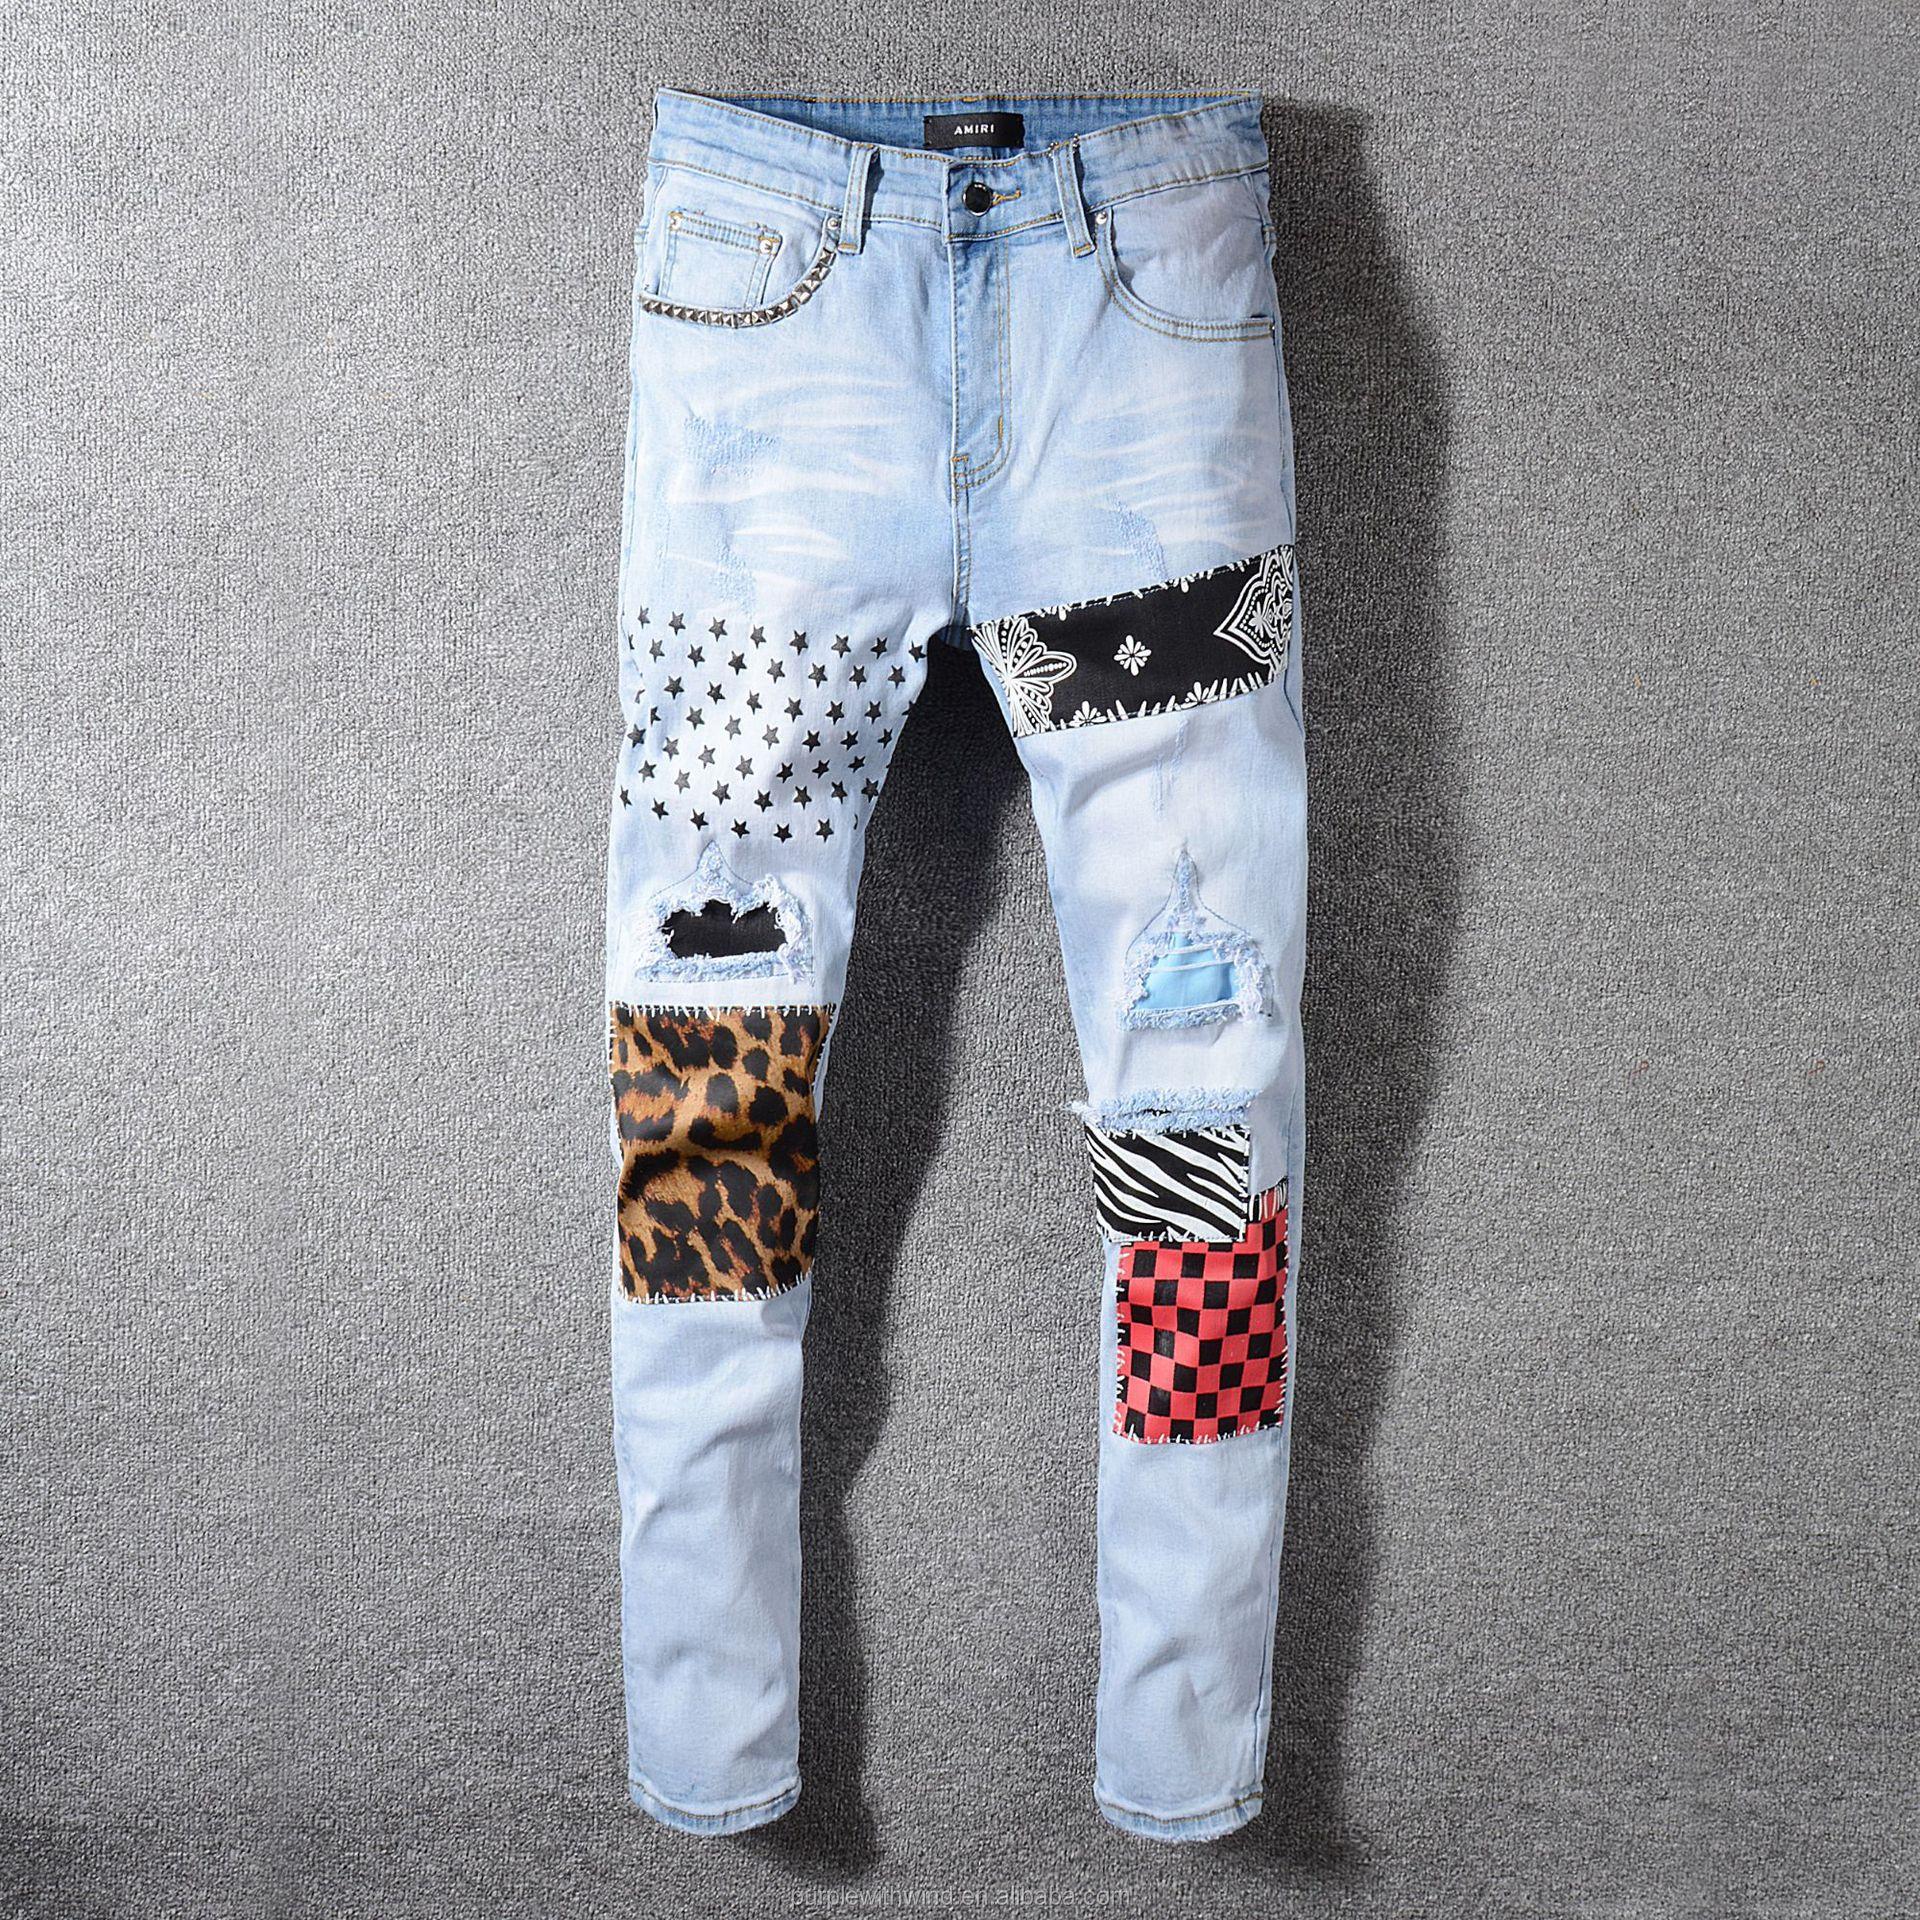 Pantalones Vaqueros Rasgados Con Parche Para Hombre Y Nino Vaqueros Rasgados De Estilo Urbano Gran Oferta En Amazon Buy De Los Hombres Pantalones Vaqueros Amazon Venta Caliente De Los Hombres Jeans Product On